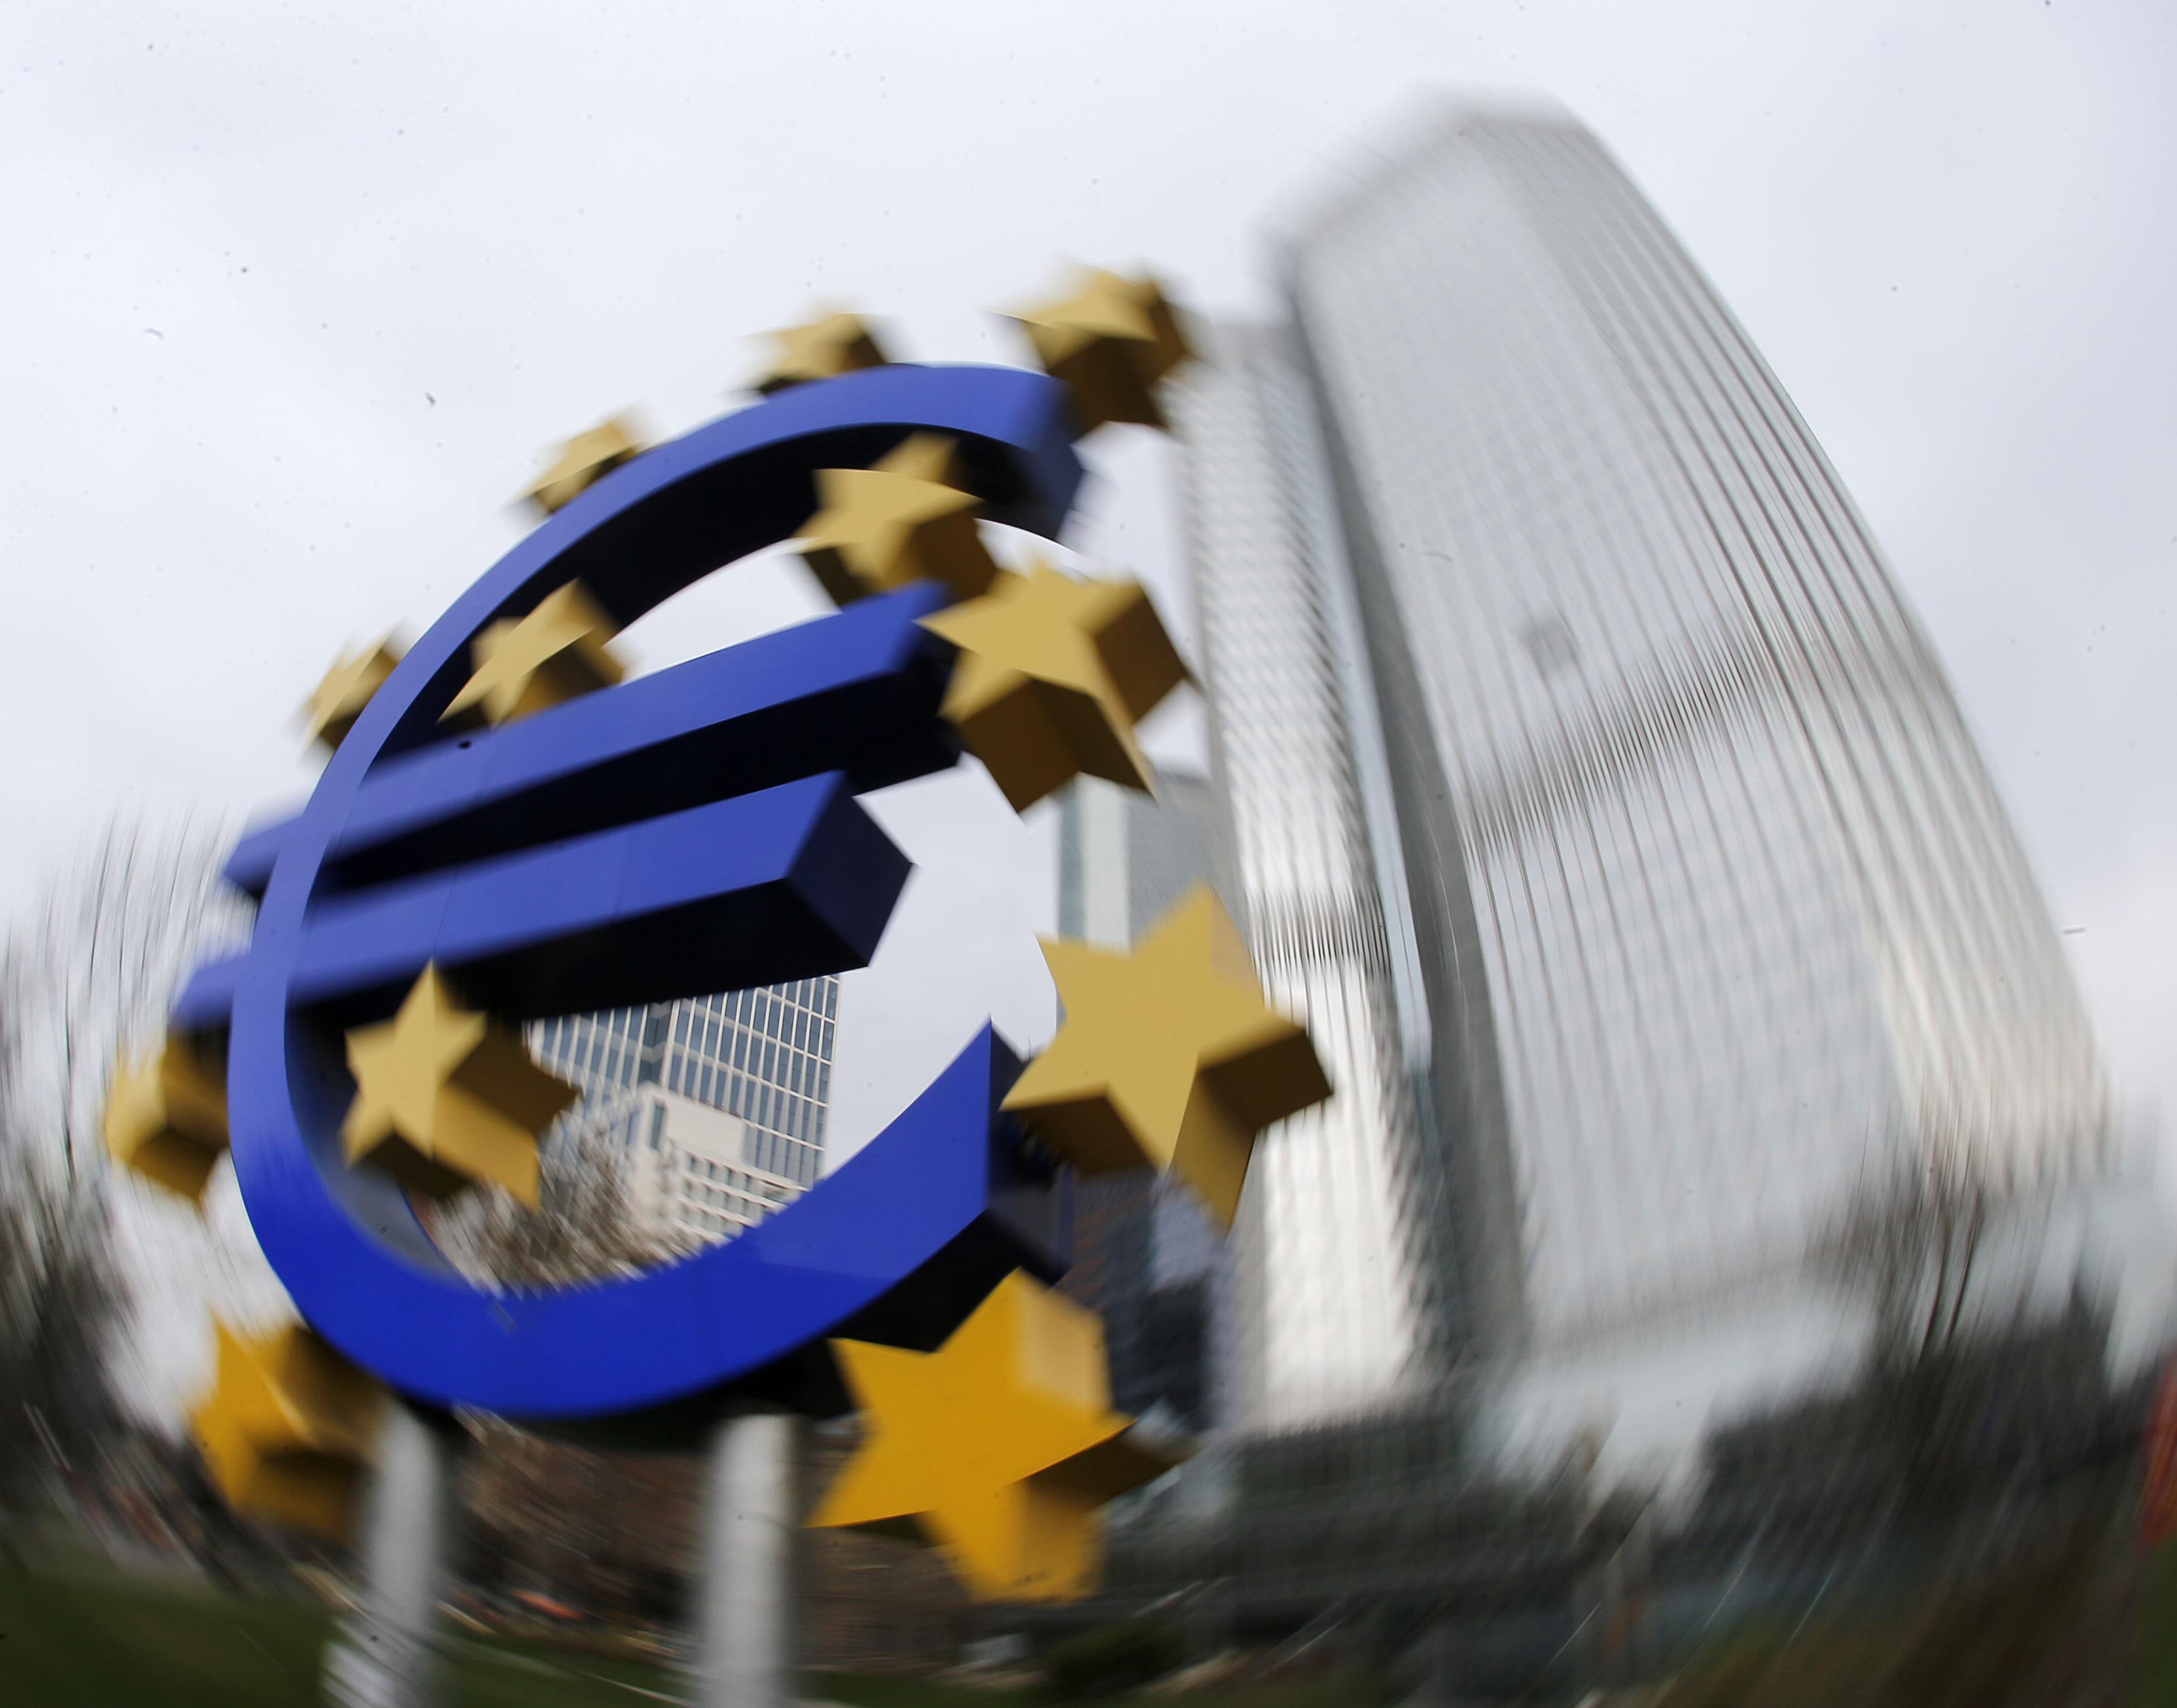 Στουρνάρας: Η τραπεζική ένωση θα προστατεύσει την οικονομία της ΕΕ   tovima.gr